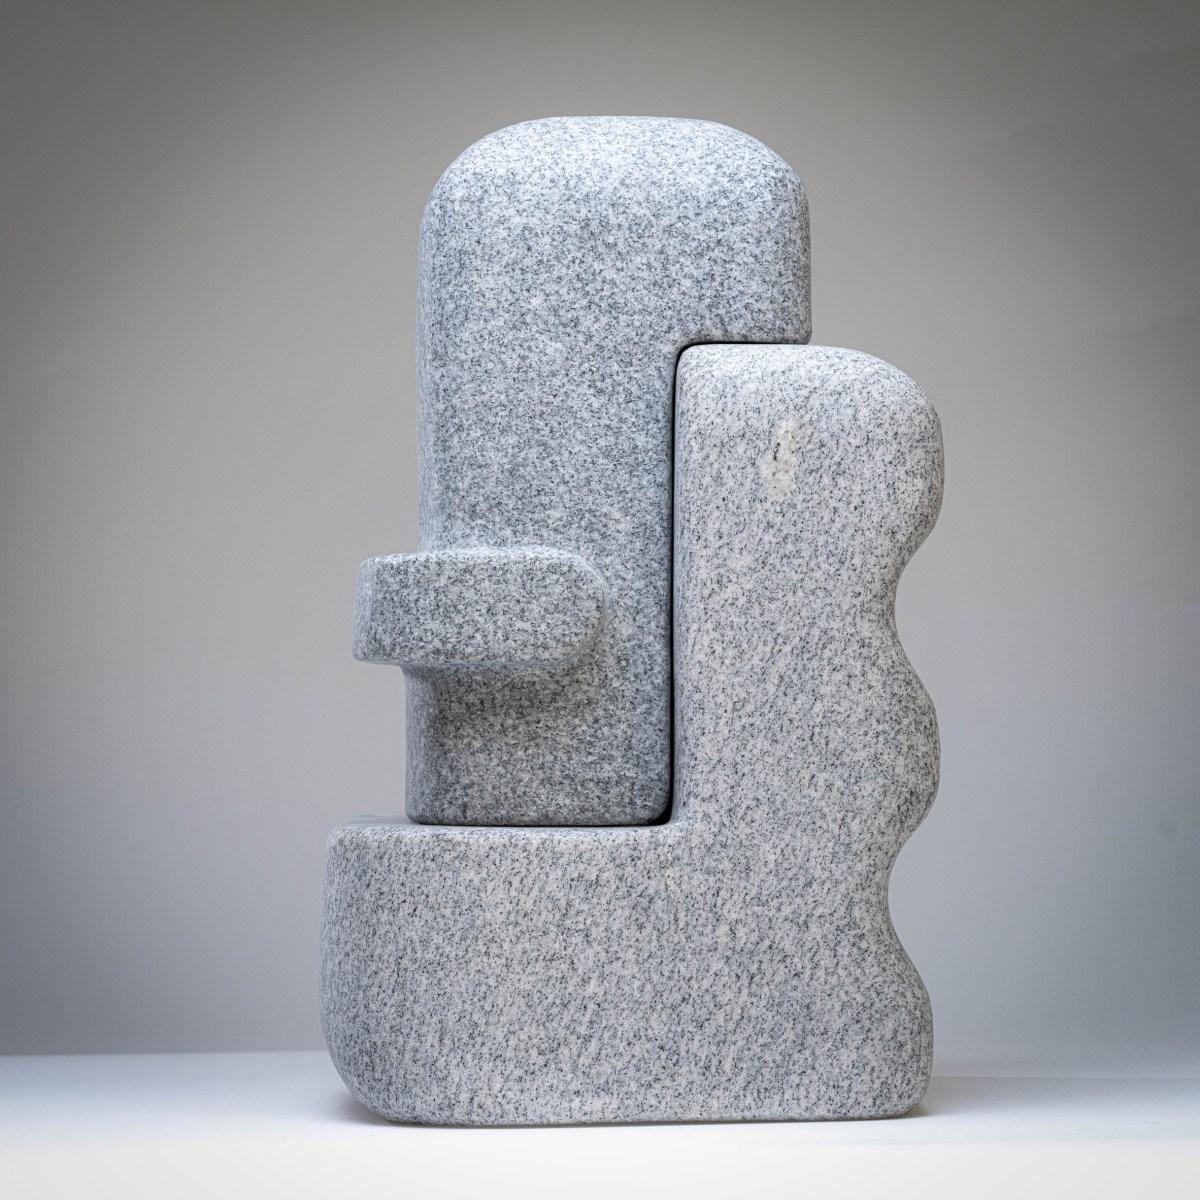 howard-stone-sculpture-matt-byrd_3